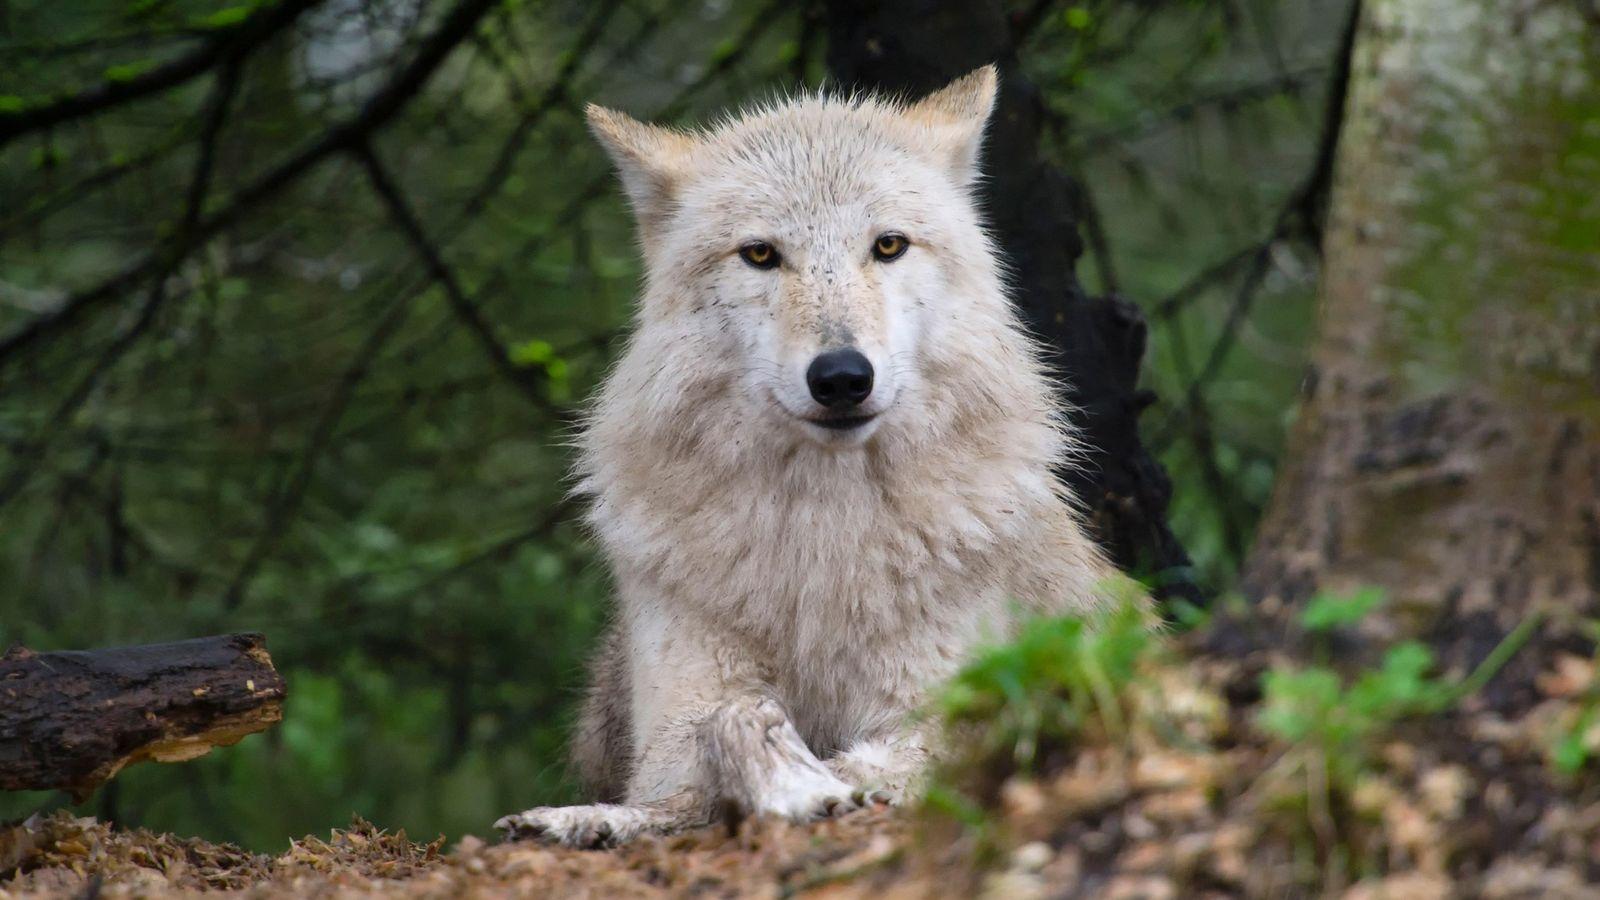 Alors que les loups ont été réintroduits à travers l'Occident, le débatfait rage sur la façon ...